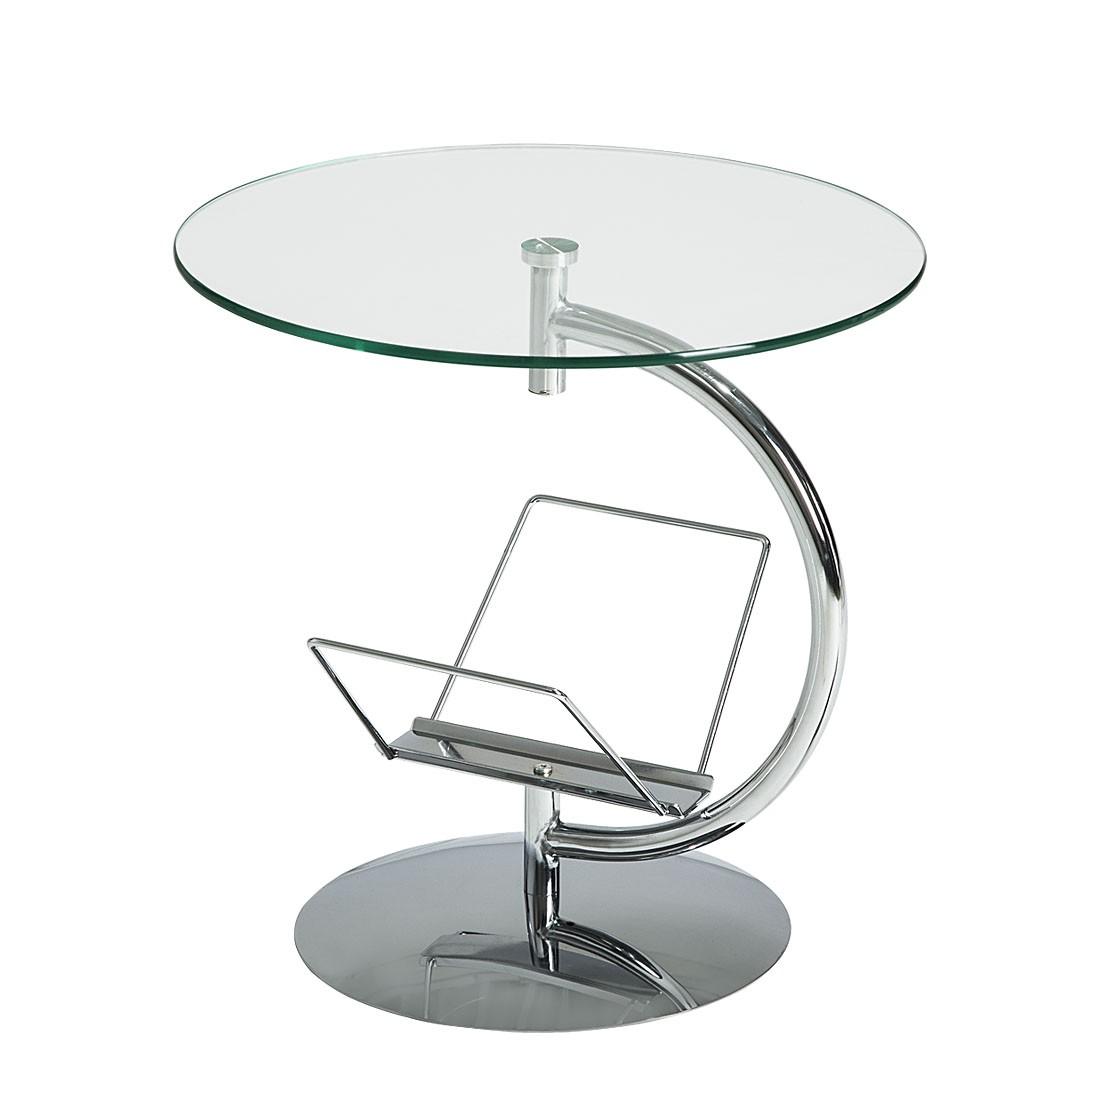 Tavolino Jens - Piano d'appogio in vetro infrangibile, Fredriks